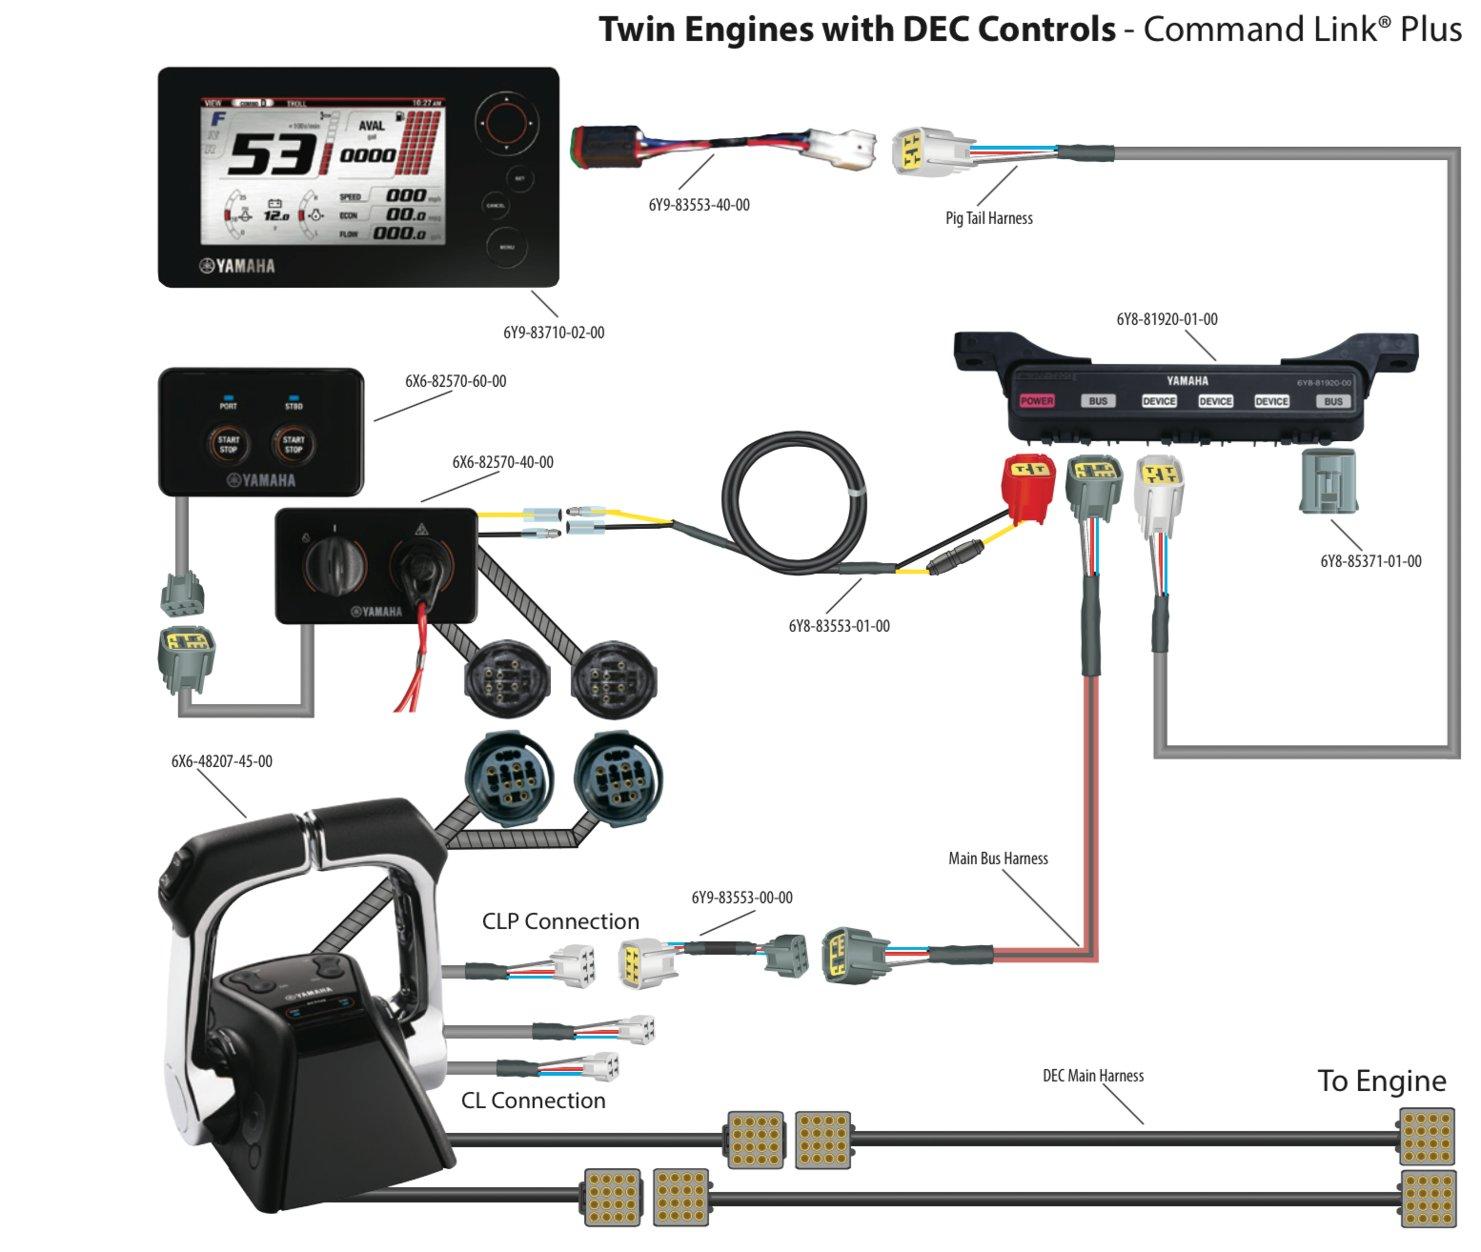 yamaha f350 command link wiring diagram xz 7541  yamaha command link wiring diagram free download wiring  yamaha command link wiring diagram free